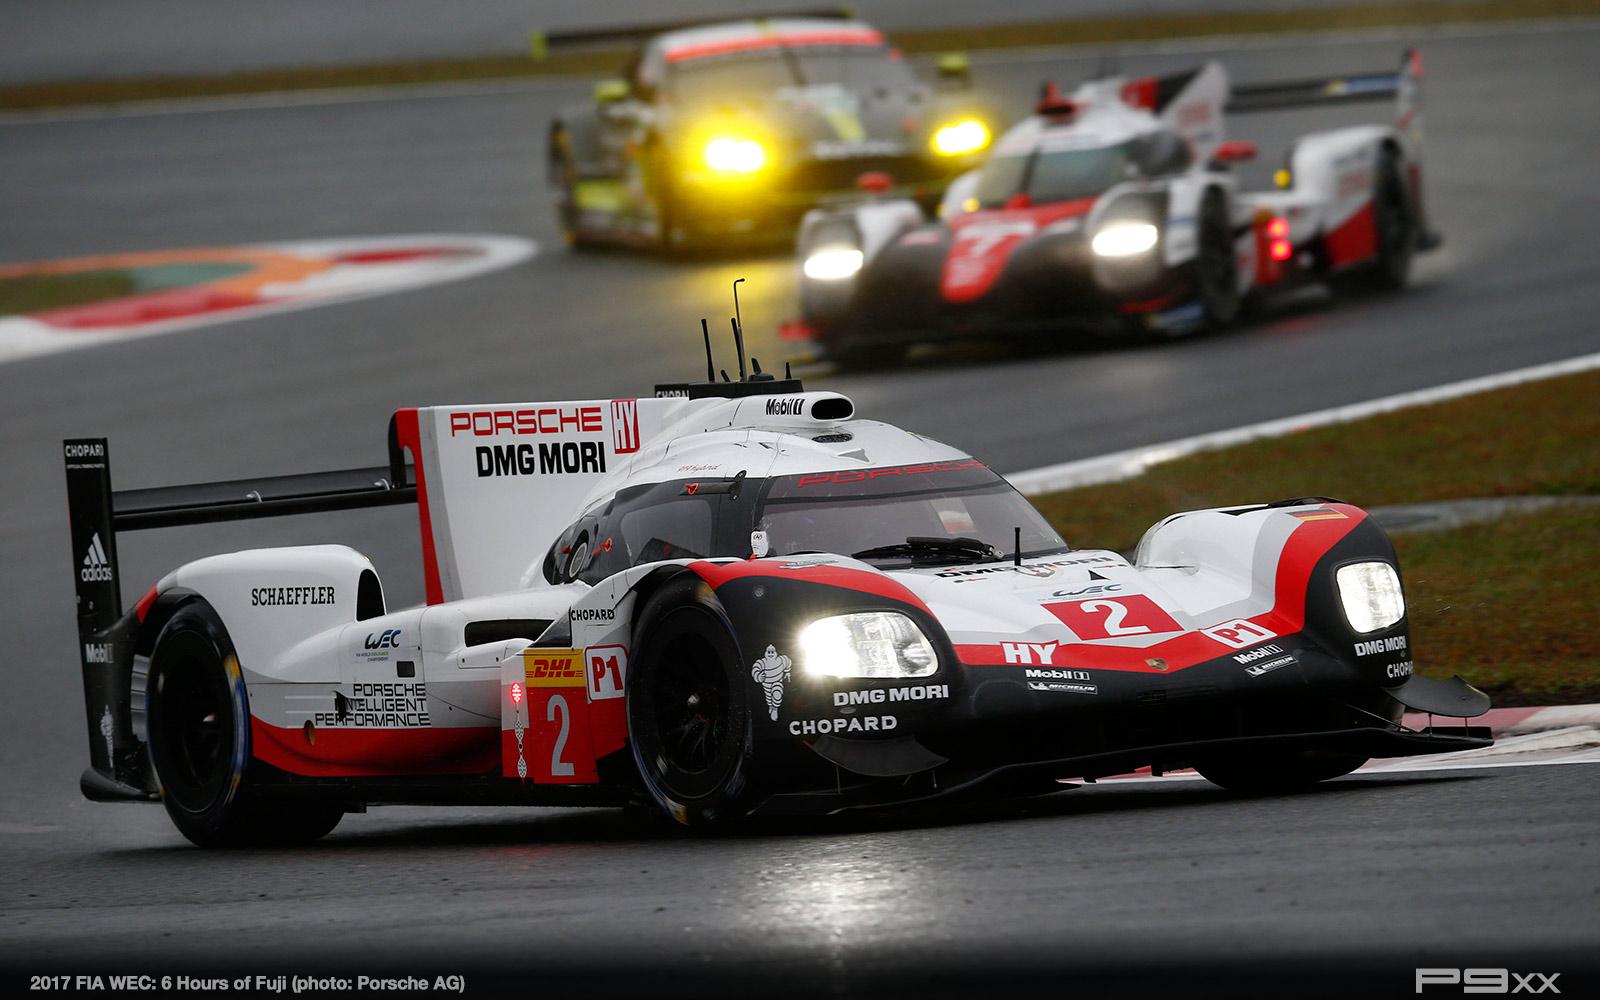 2017-FIA-WEC-6h-of-Fuji-Porsche-346